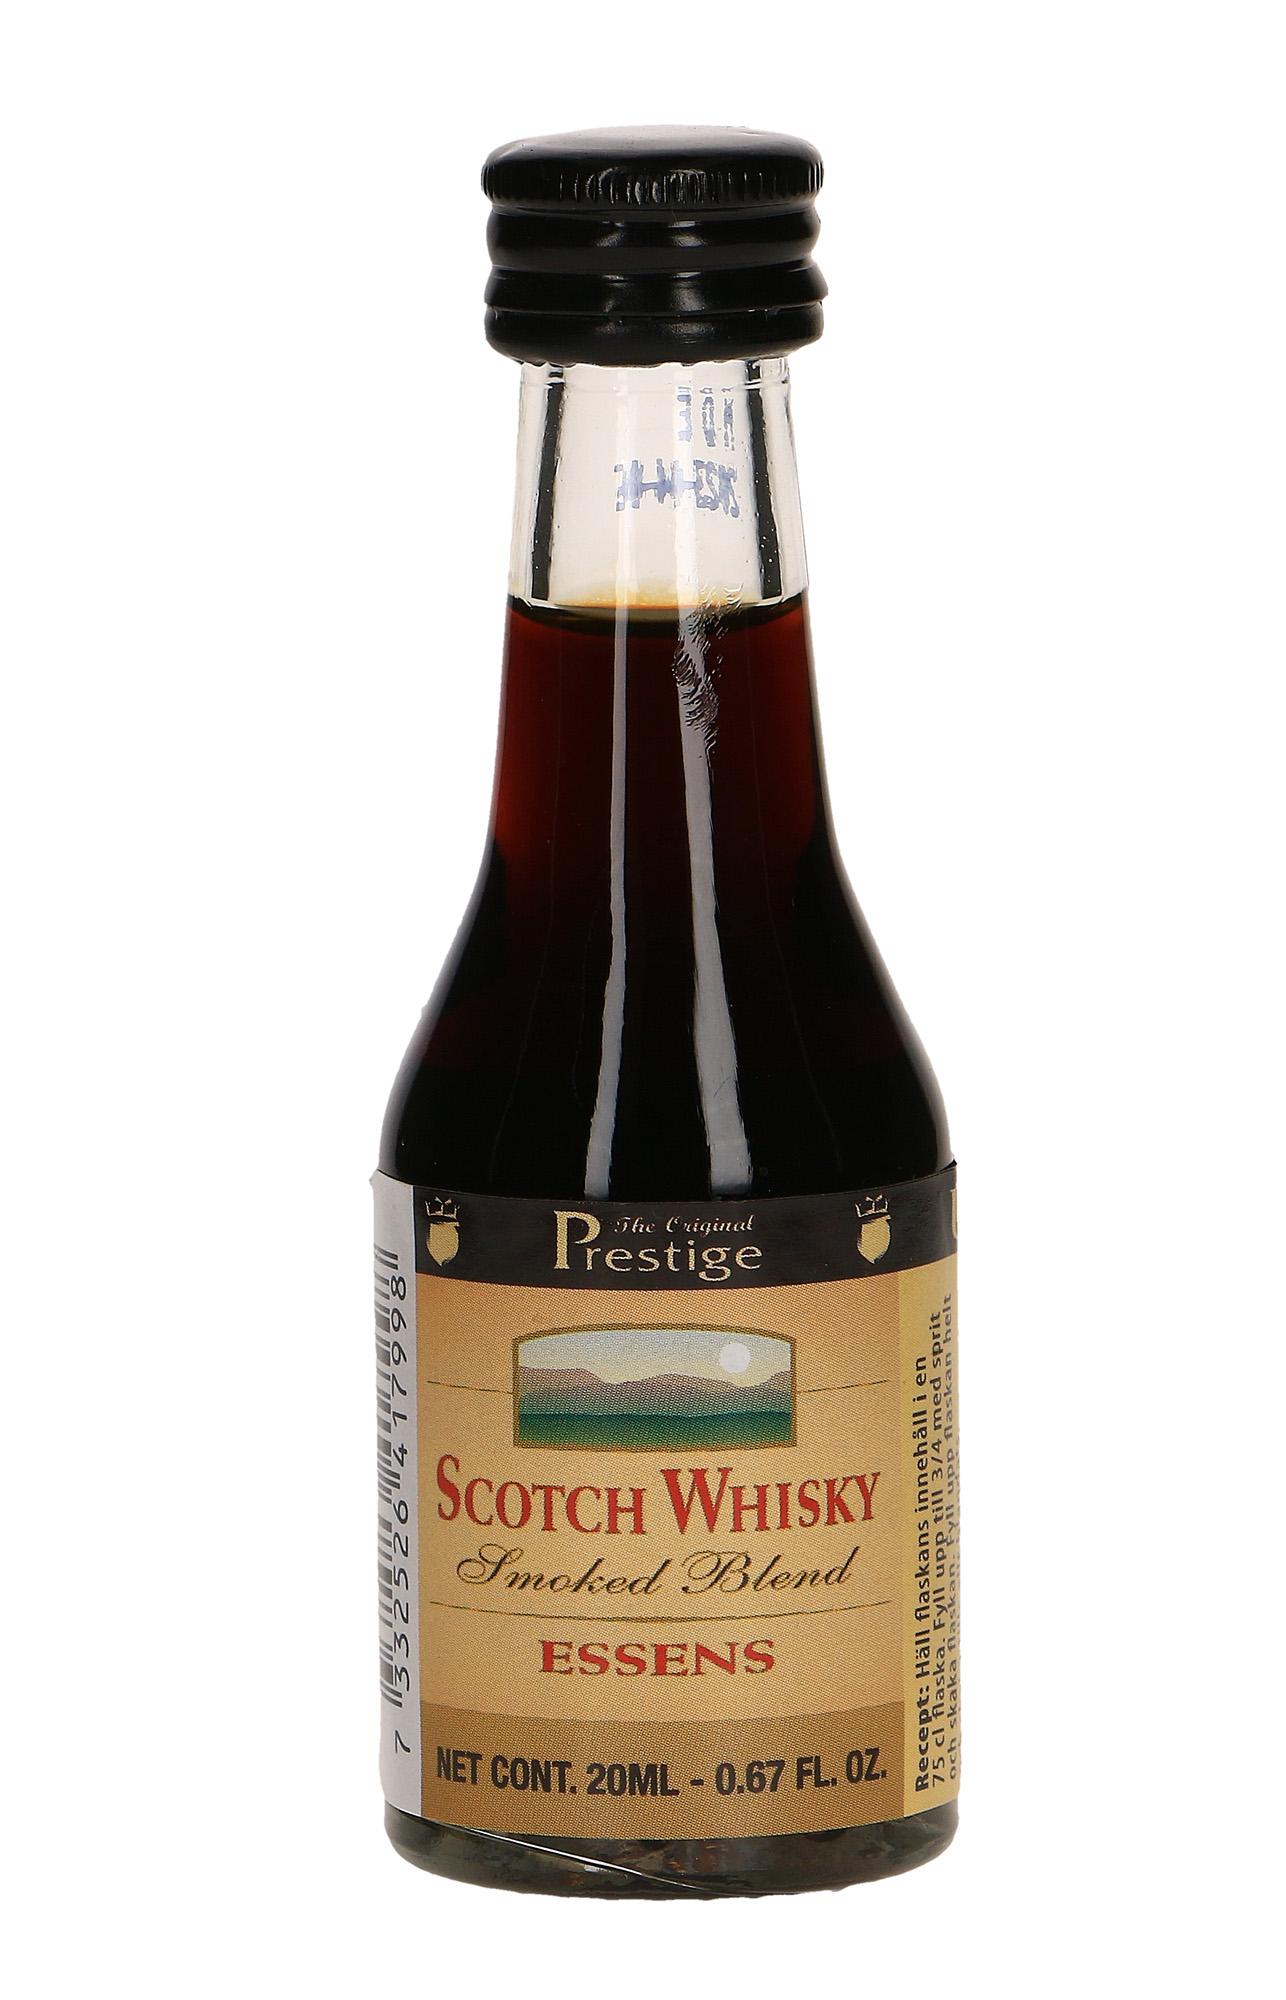 Esencja zaprawka do alkoholu WHISKY SCOTCH SMOKED